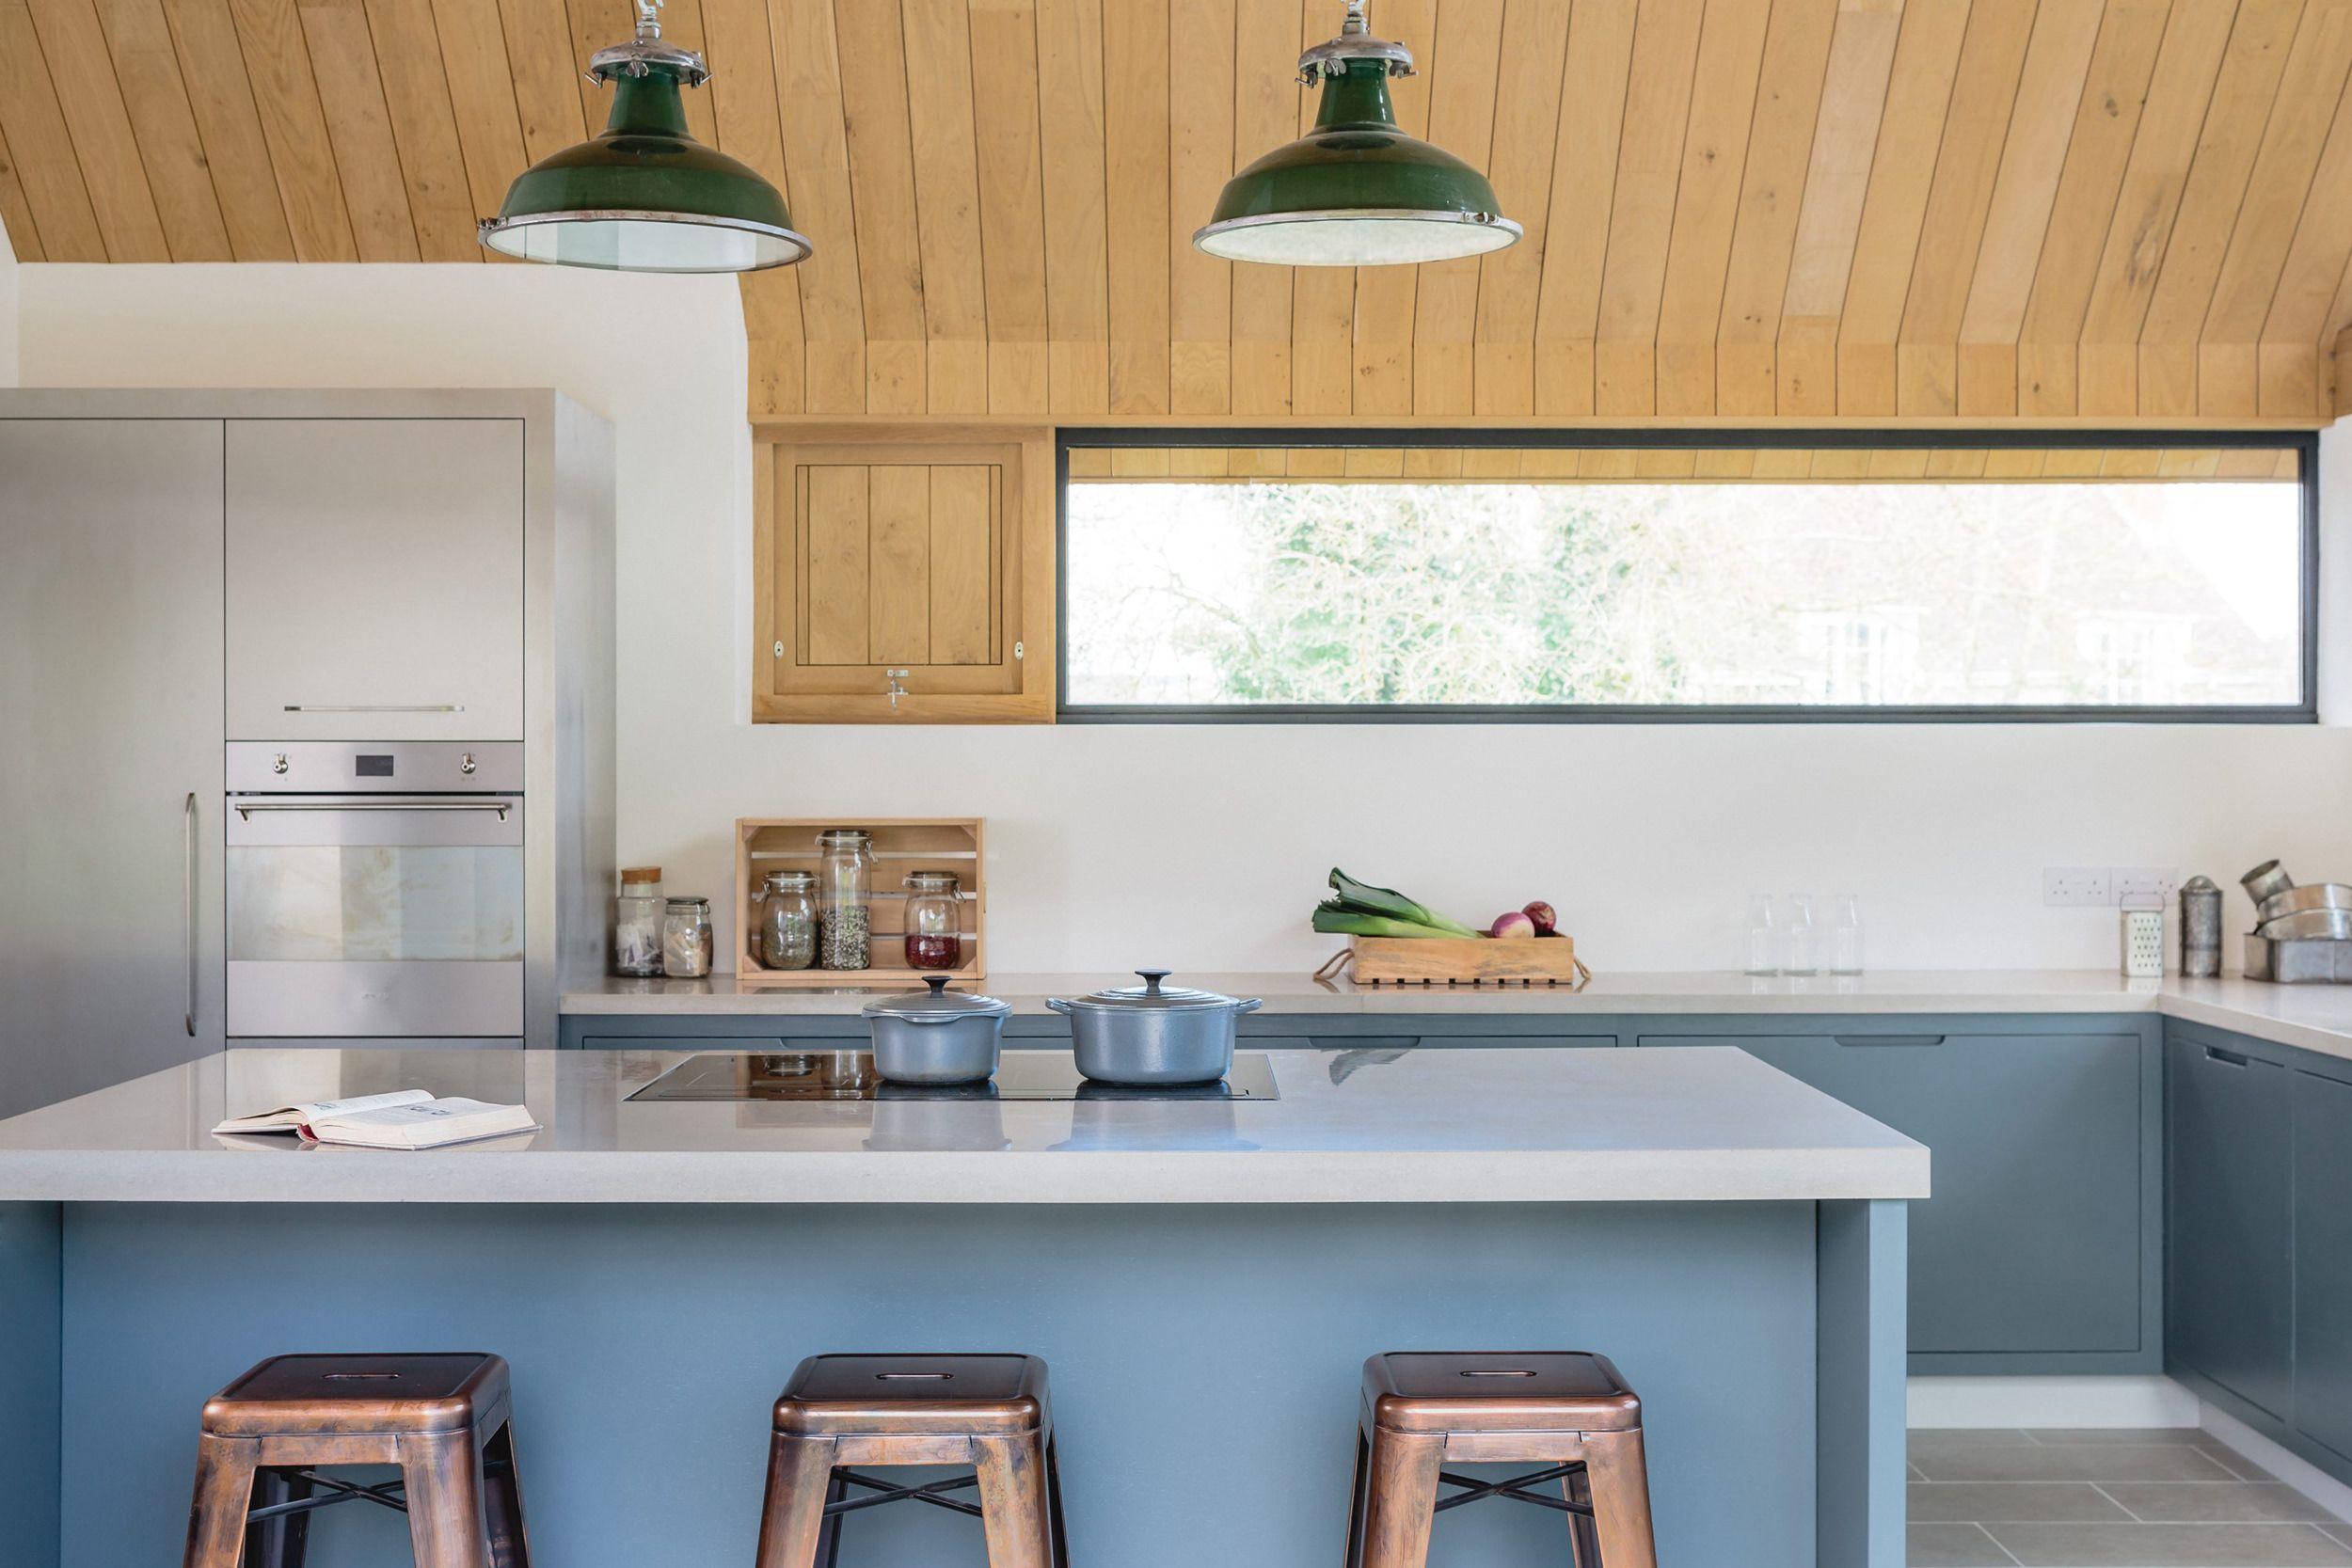 Küchen ohne Oberschränke Wahnsinnig schön oder einfach